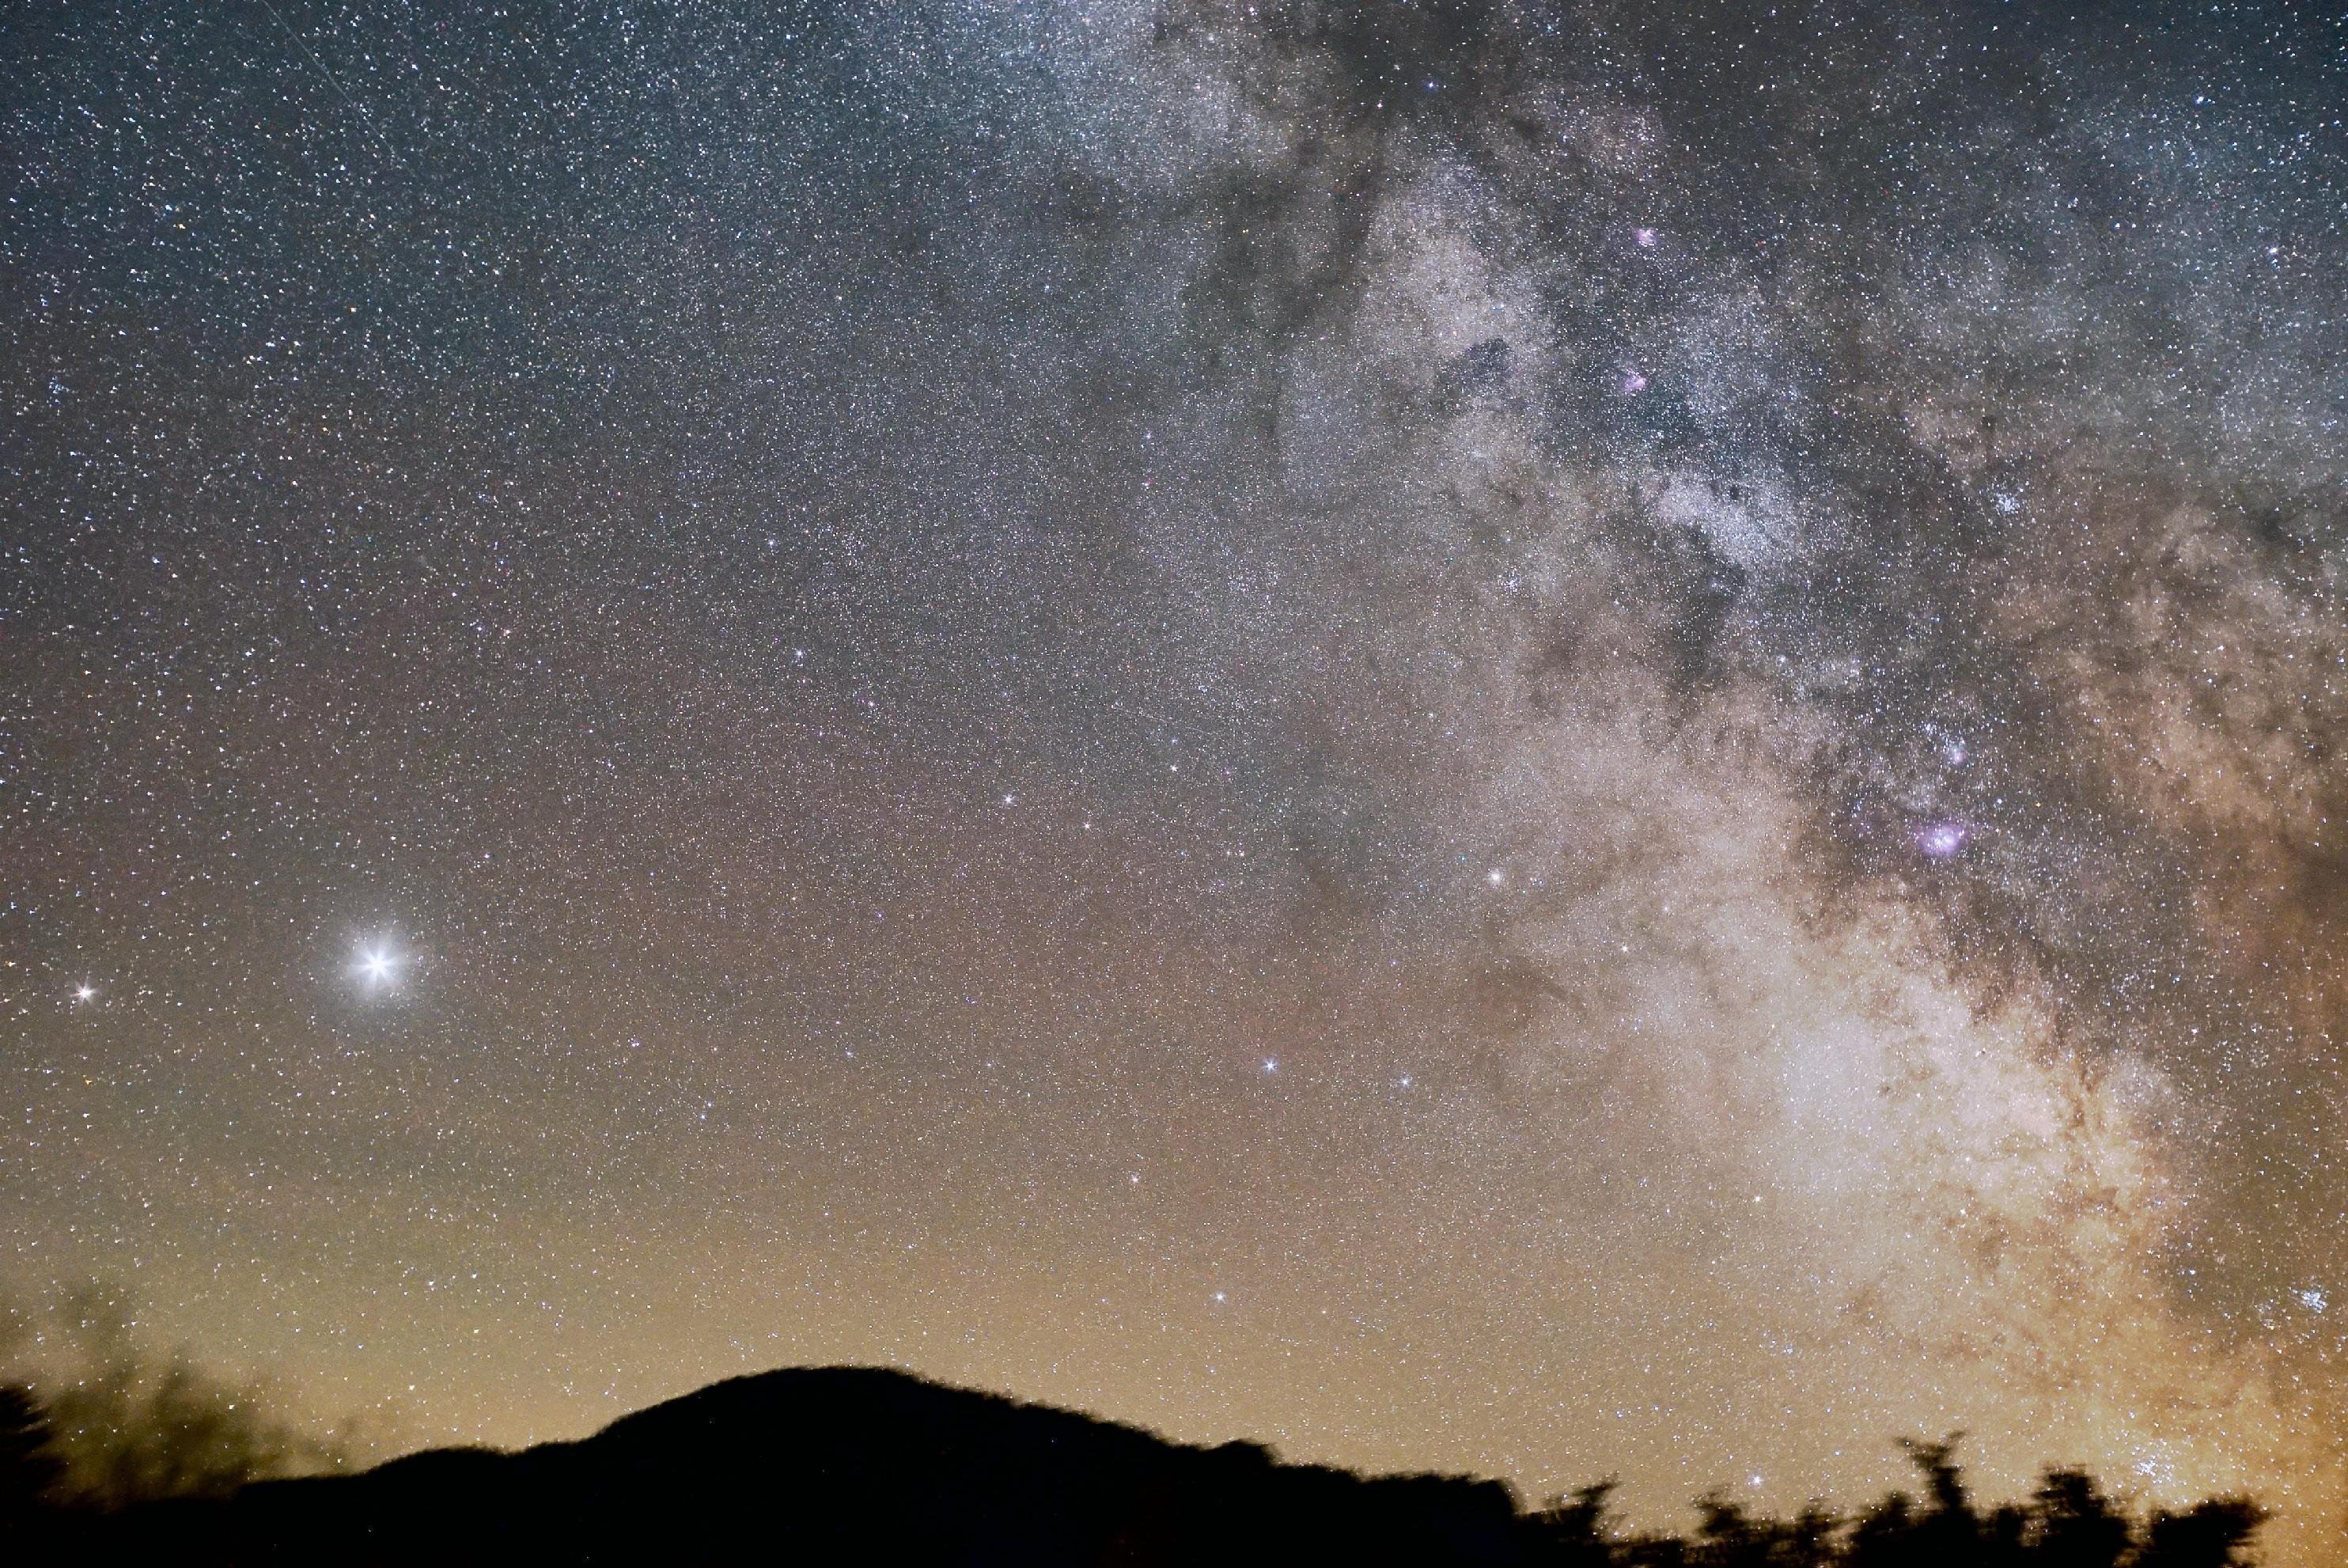 Voie-Lactee-Jupiter-Saturne-21-05-2020-low3.jpg